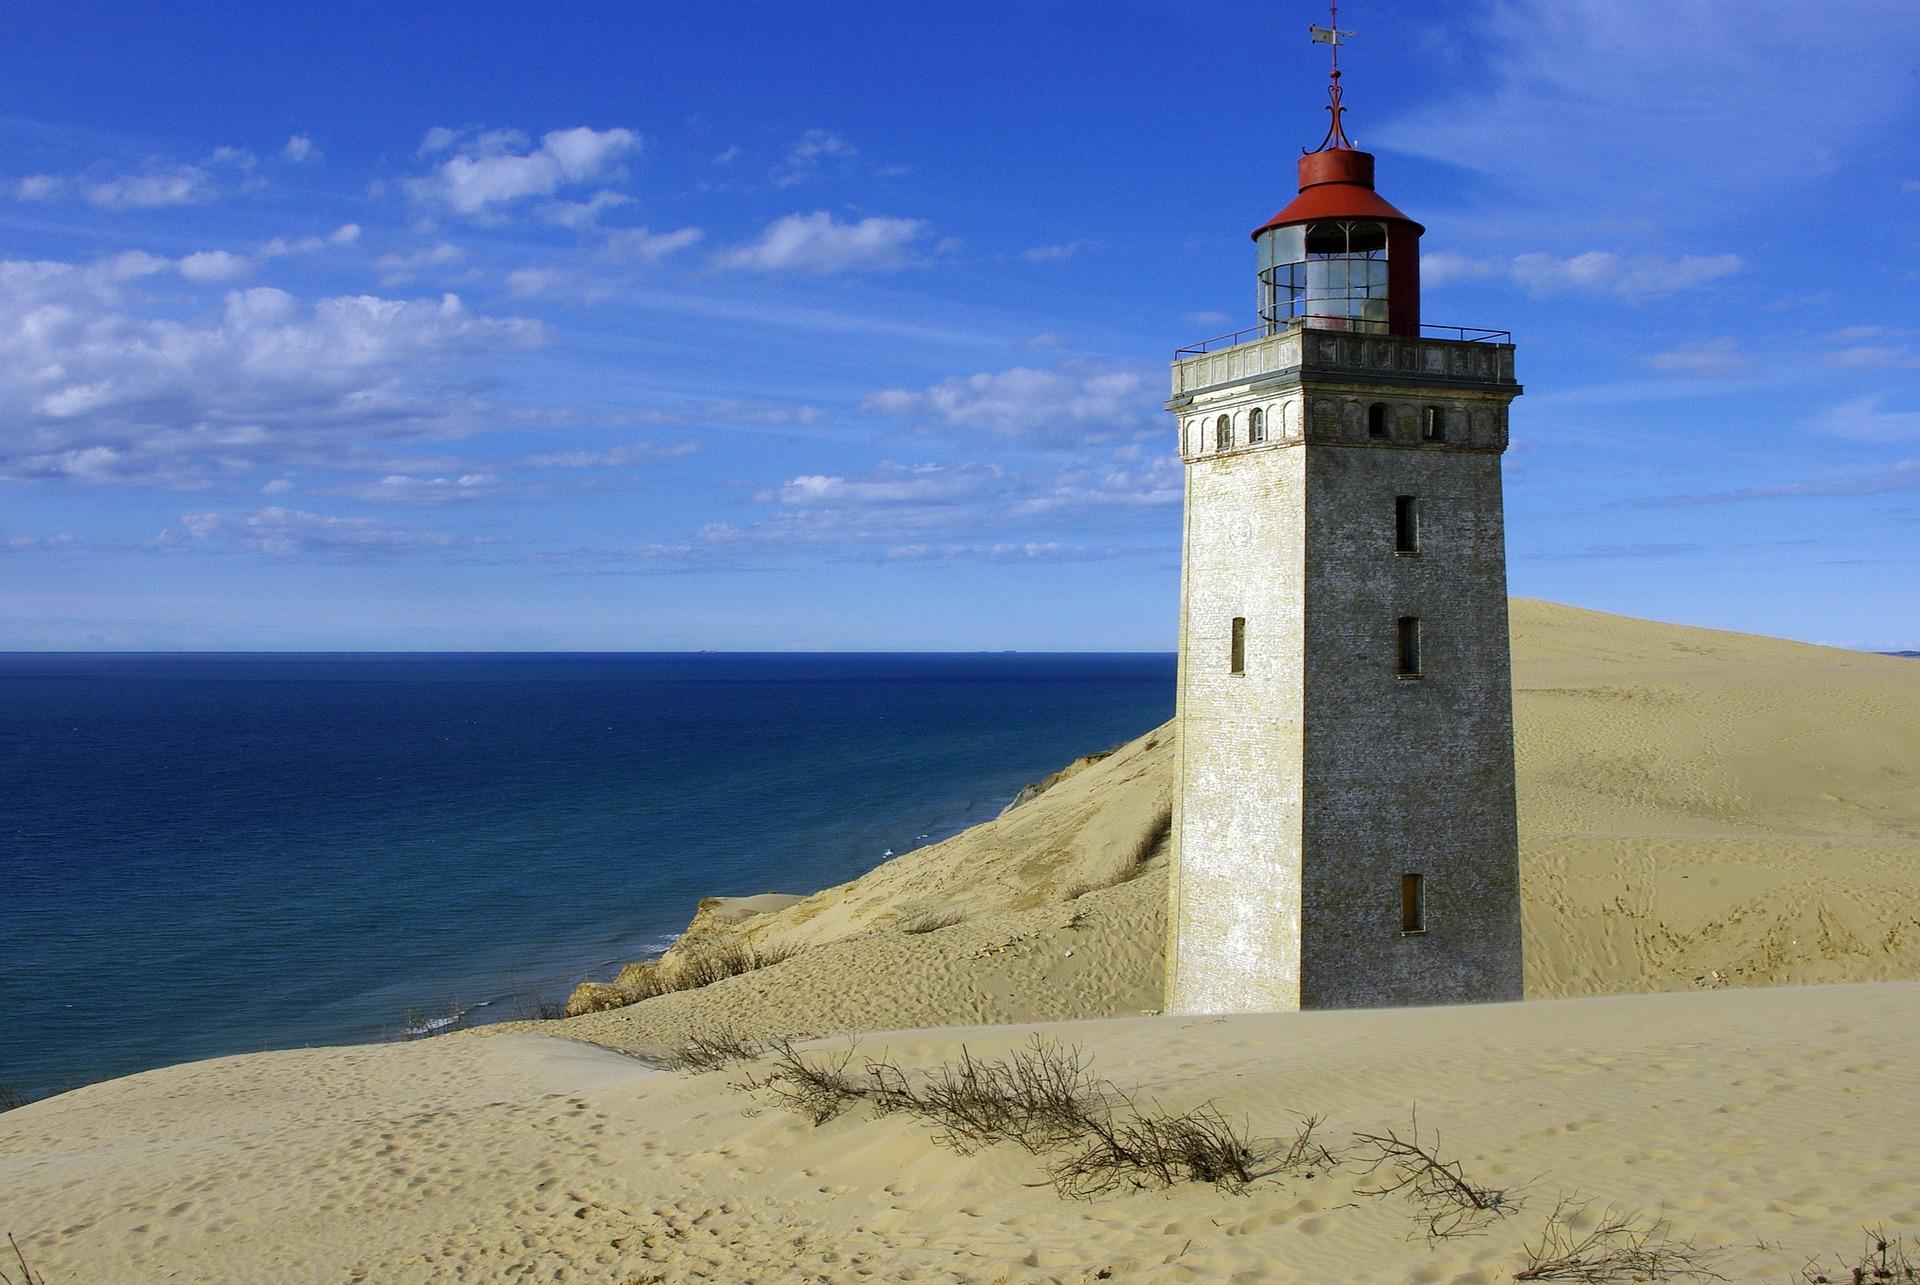 Latarnia Morska wśród piasków wydmy, Dania